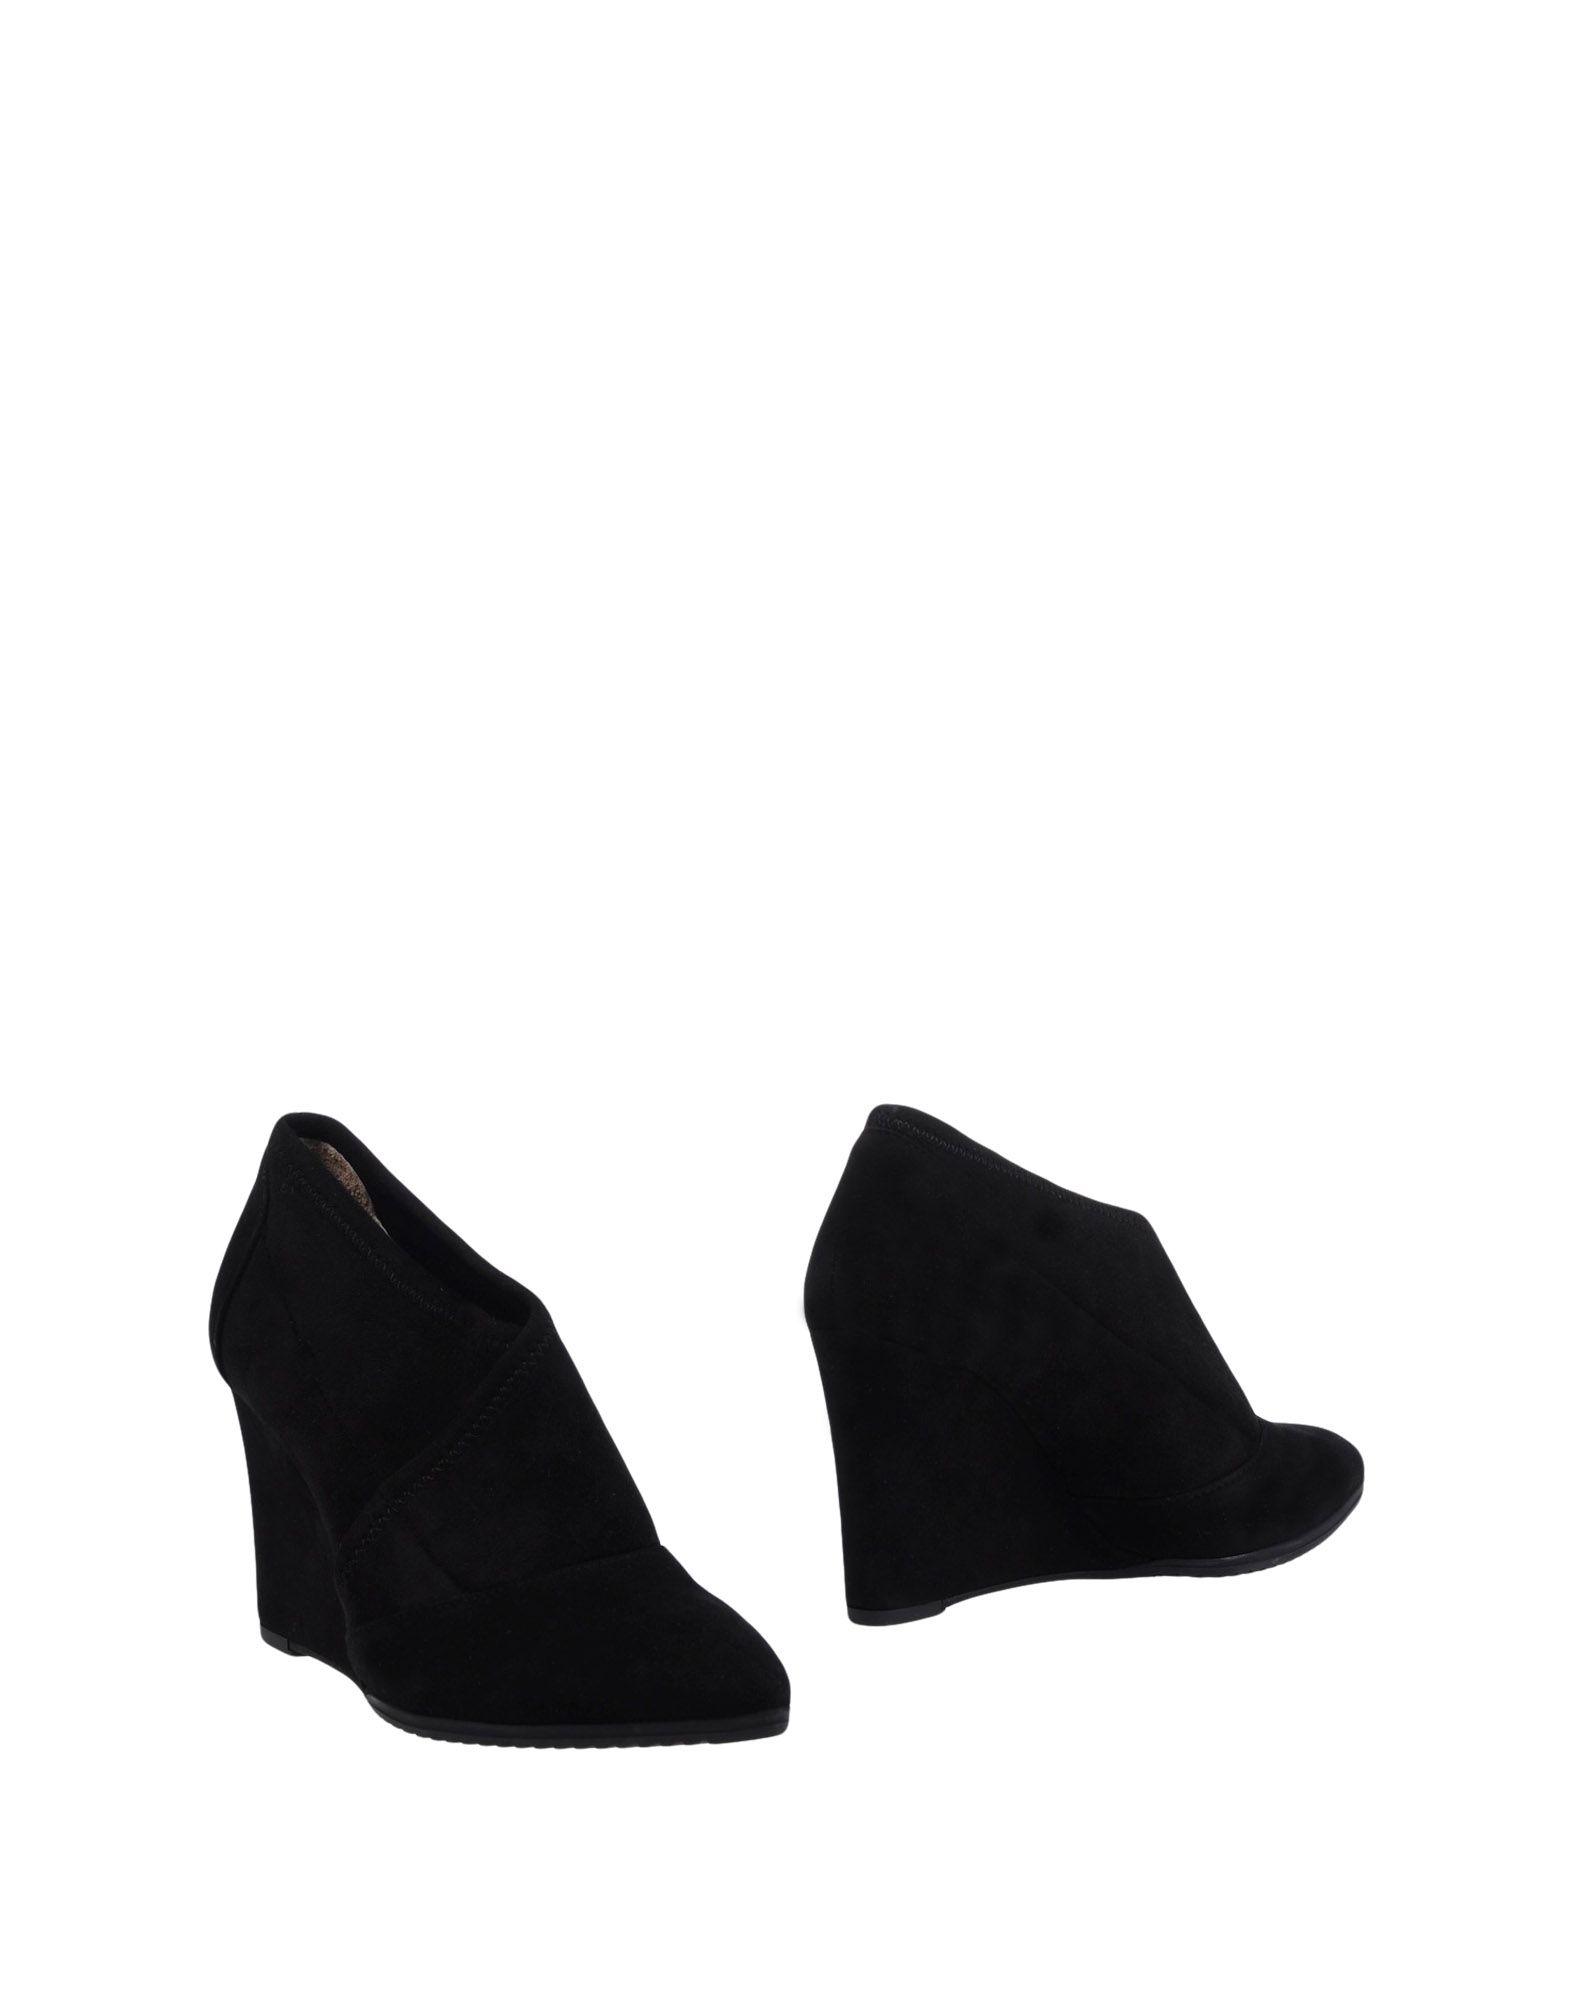 Unisa Stiefelette Damen  11148968VI Gute Qualität beliebte Schuhe